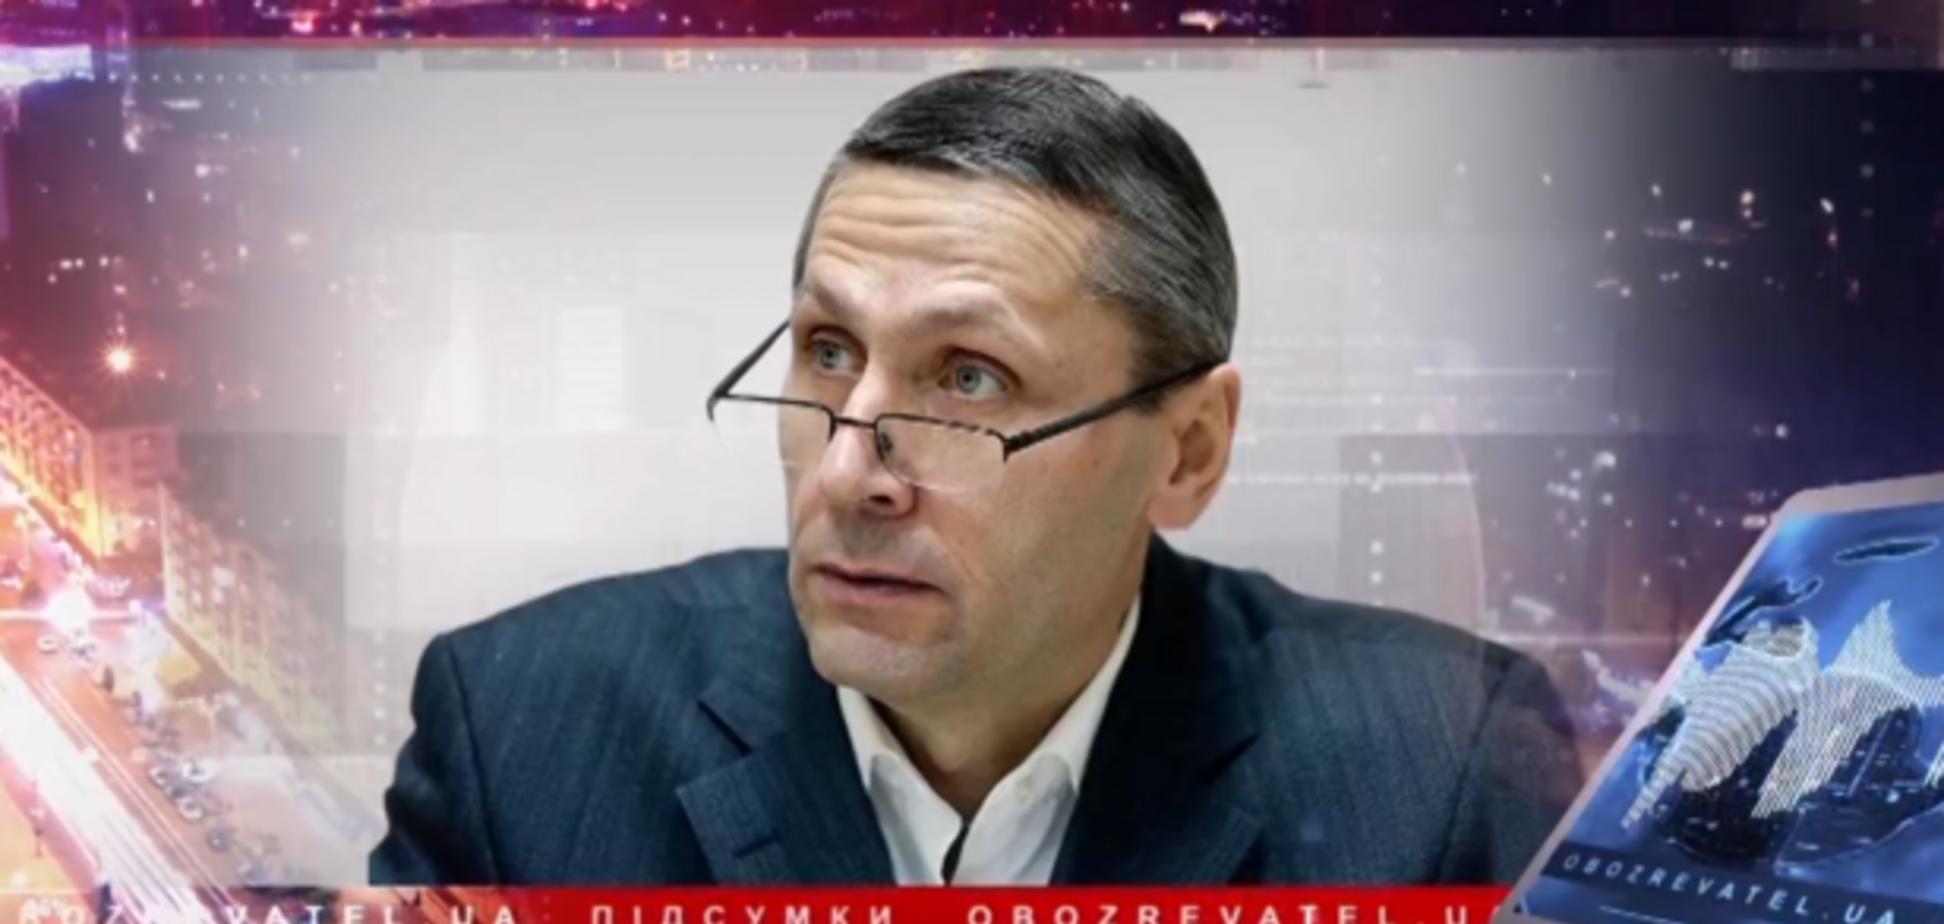 Учения НАТО в Черном море: эксперт дал оценку уровню опасности